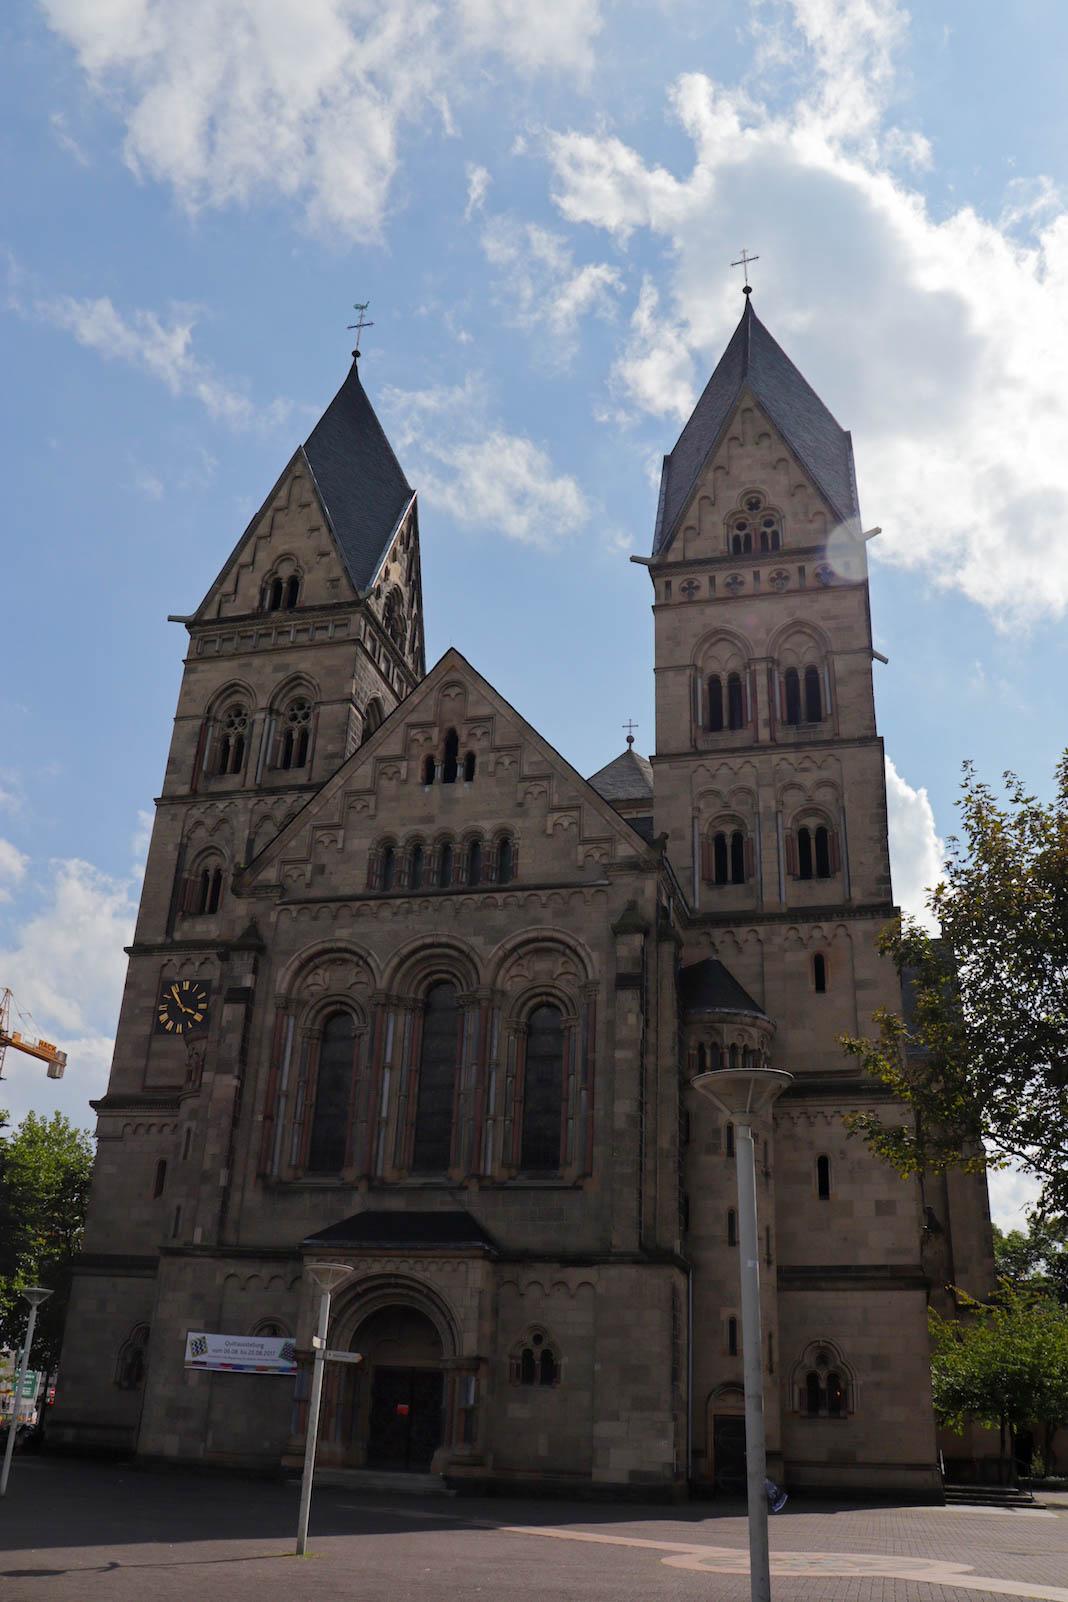 Basilika St. Kastor von der Eingangsseite her